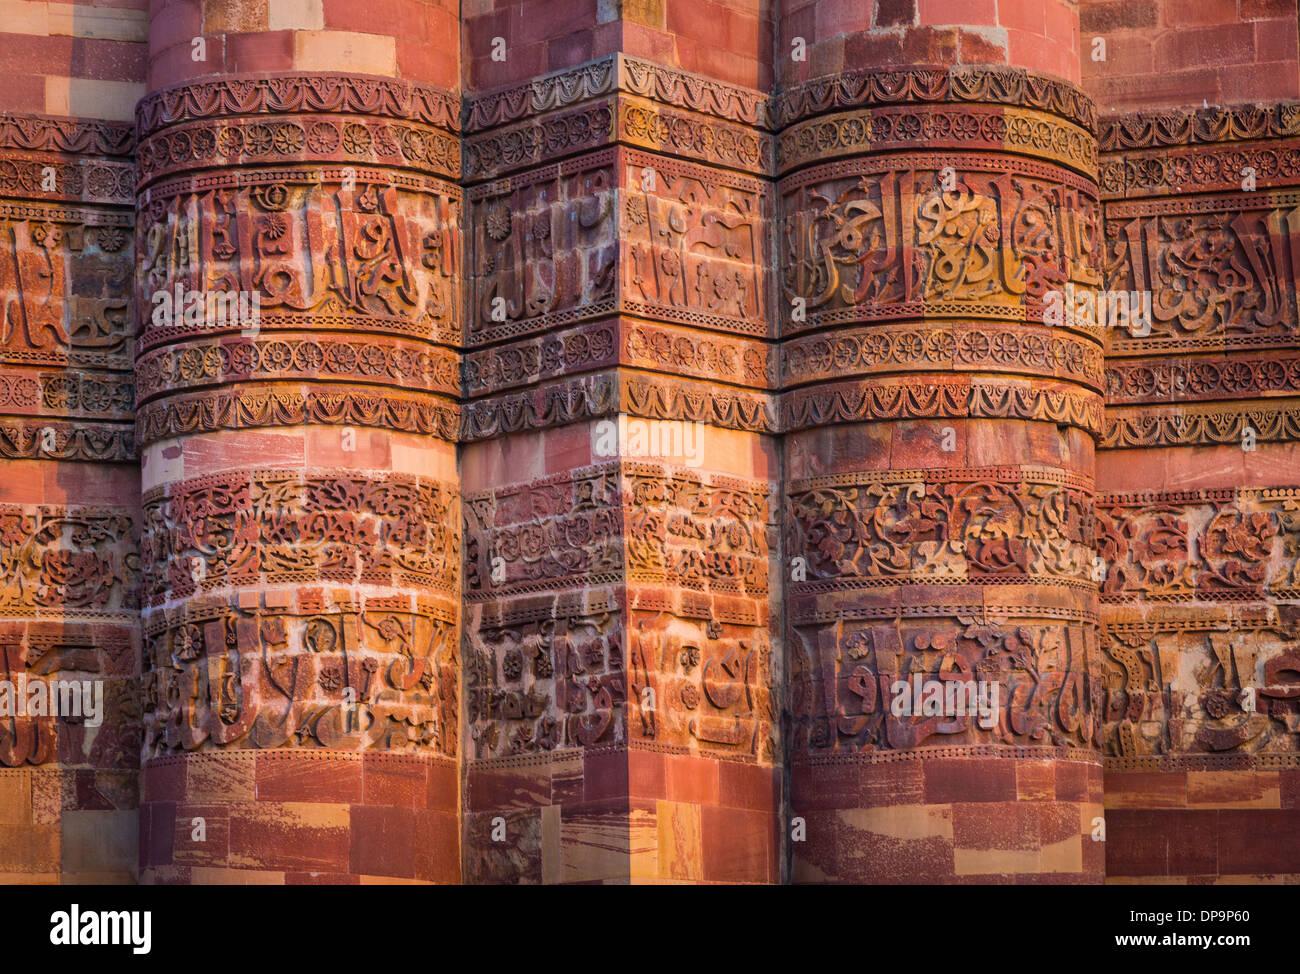 Qutub Minar (la Qutub Tower), noto anche come Qutb Minar e Qutab Minar, è il più alto minar (73 metri) in India Immagini Stock